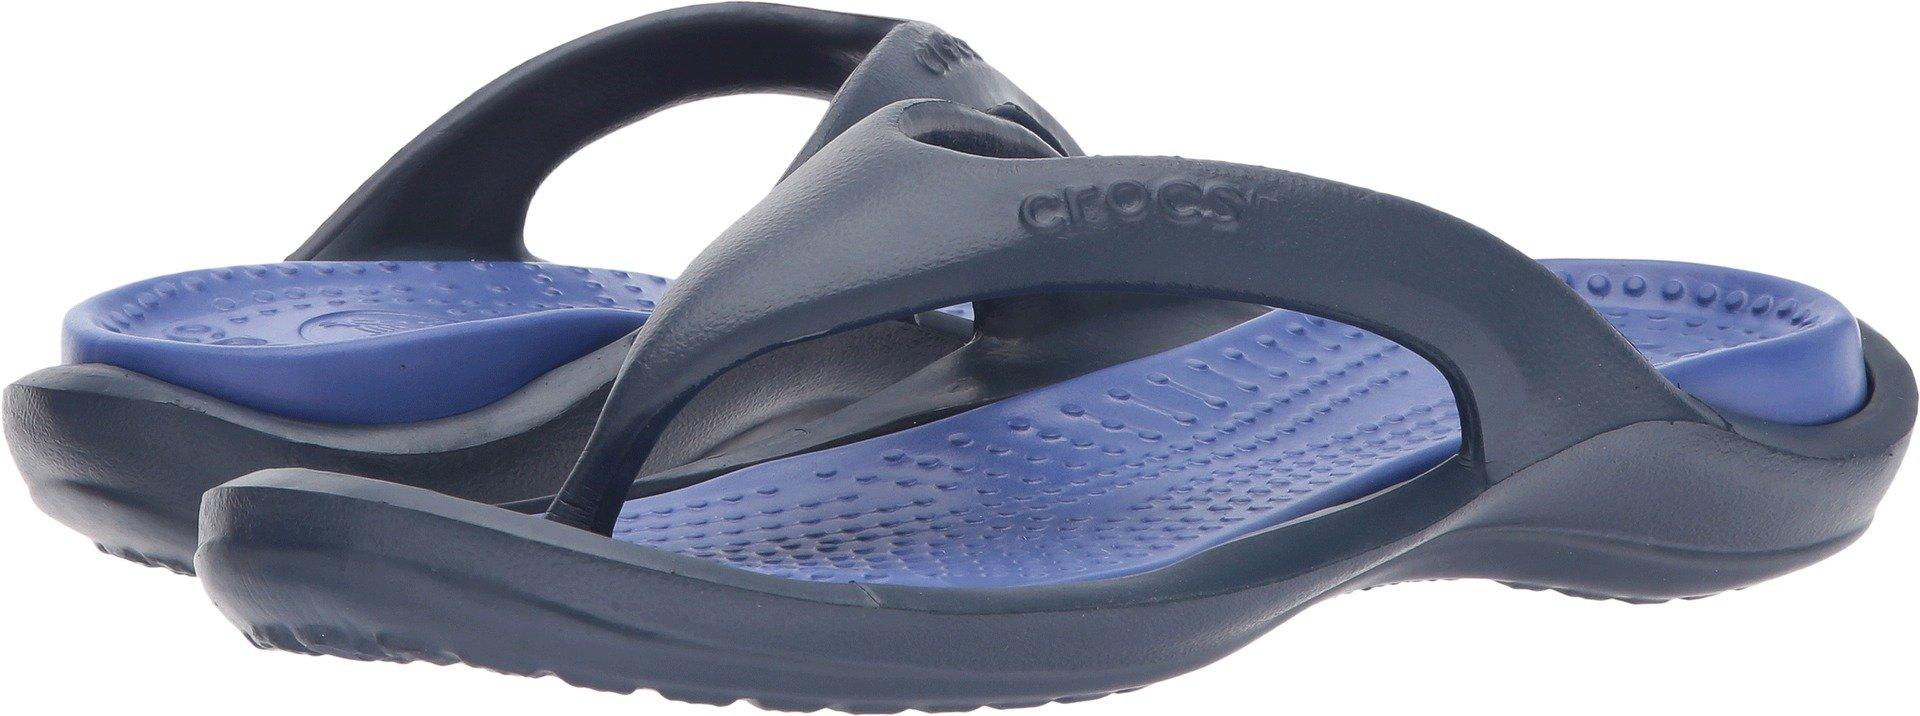 Crocs Athens Flip Flop, Navy/Cerulean Blue, 7 US Men / 9 US Women